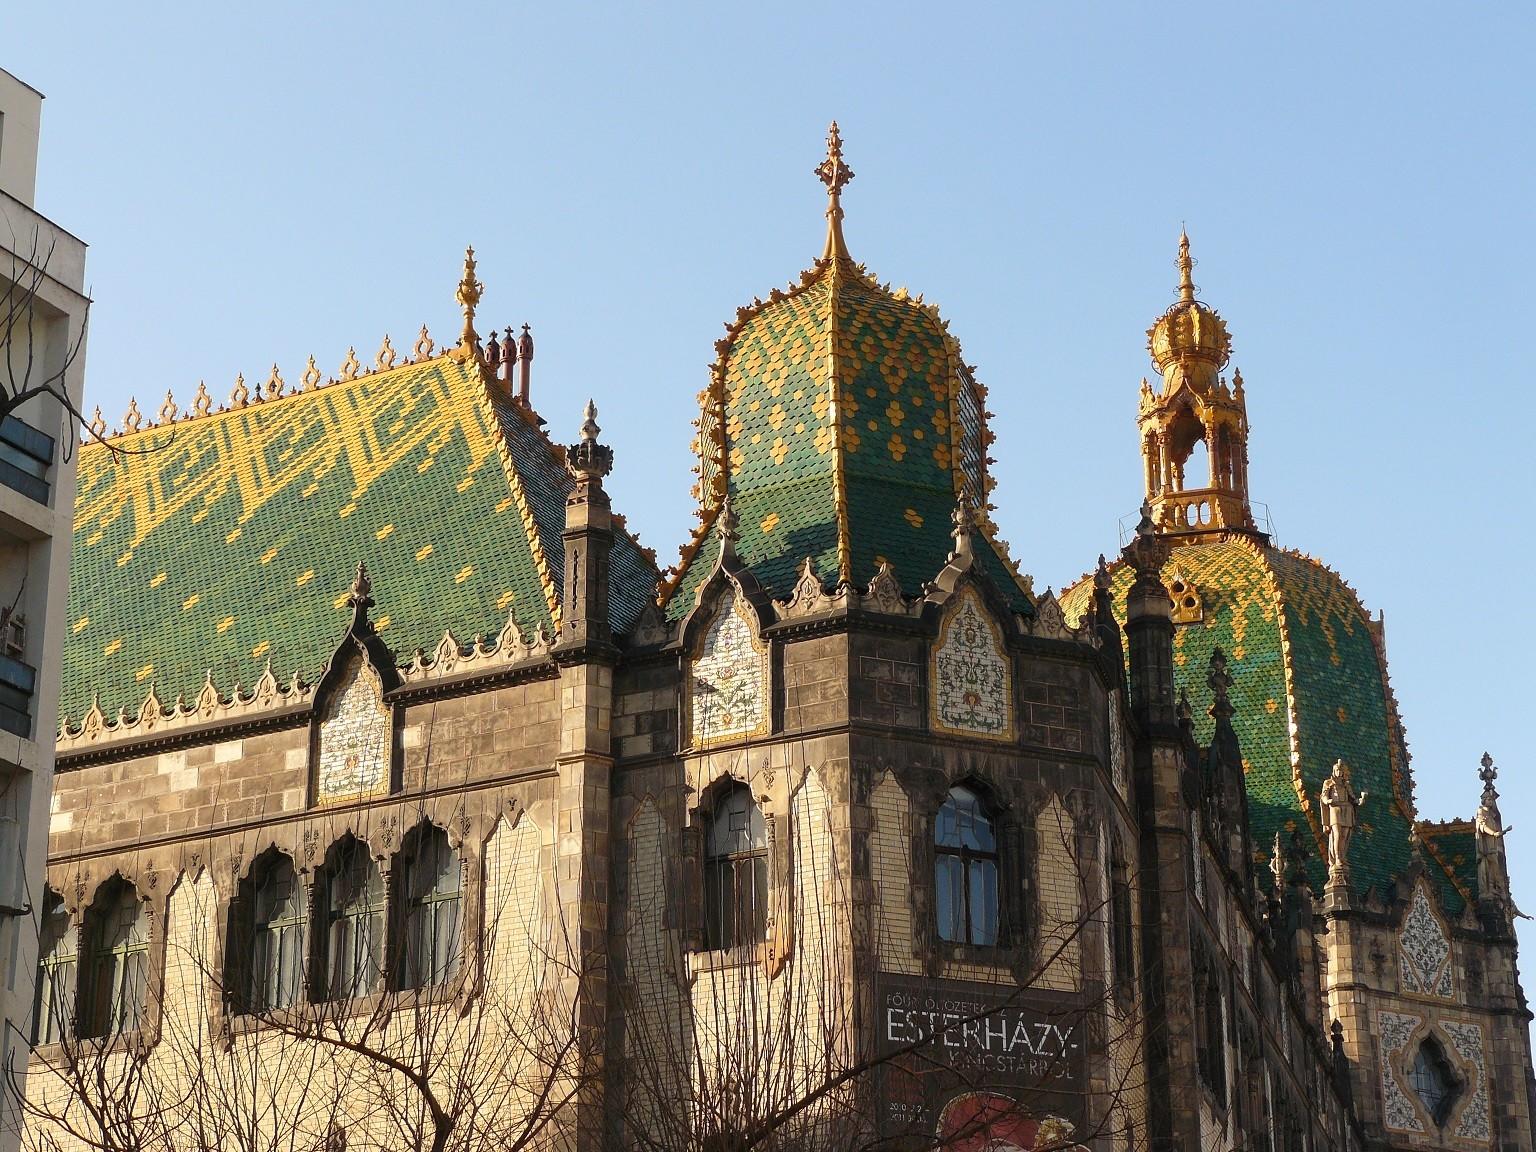 A Sziget fesztiválra viszik az Iparművészeti Múzeum 13 tonnás kupoláját